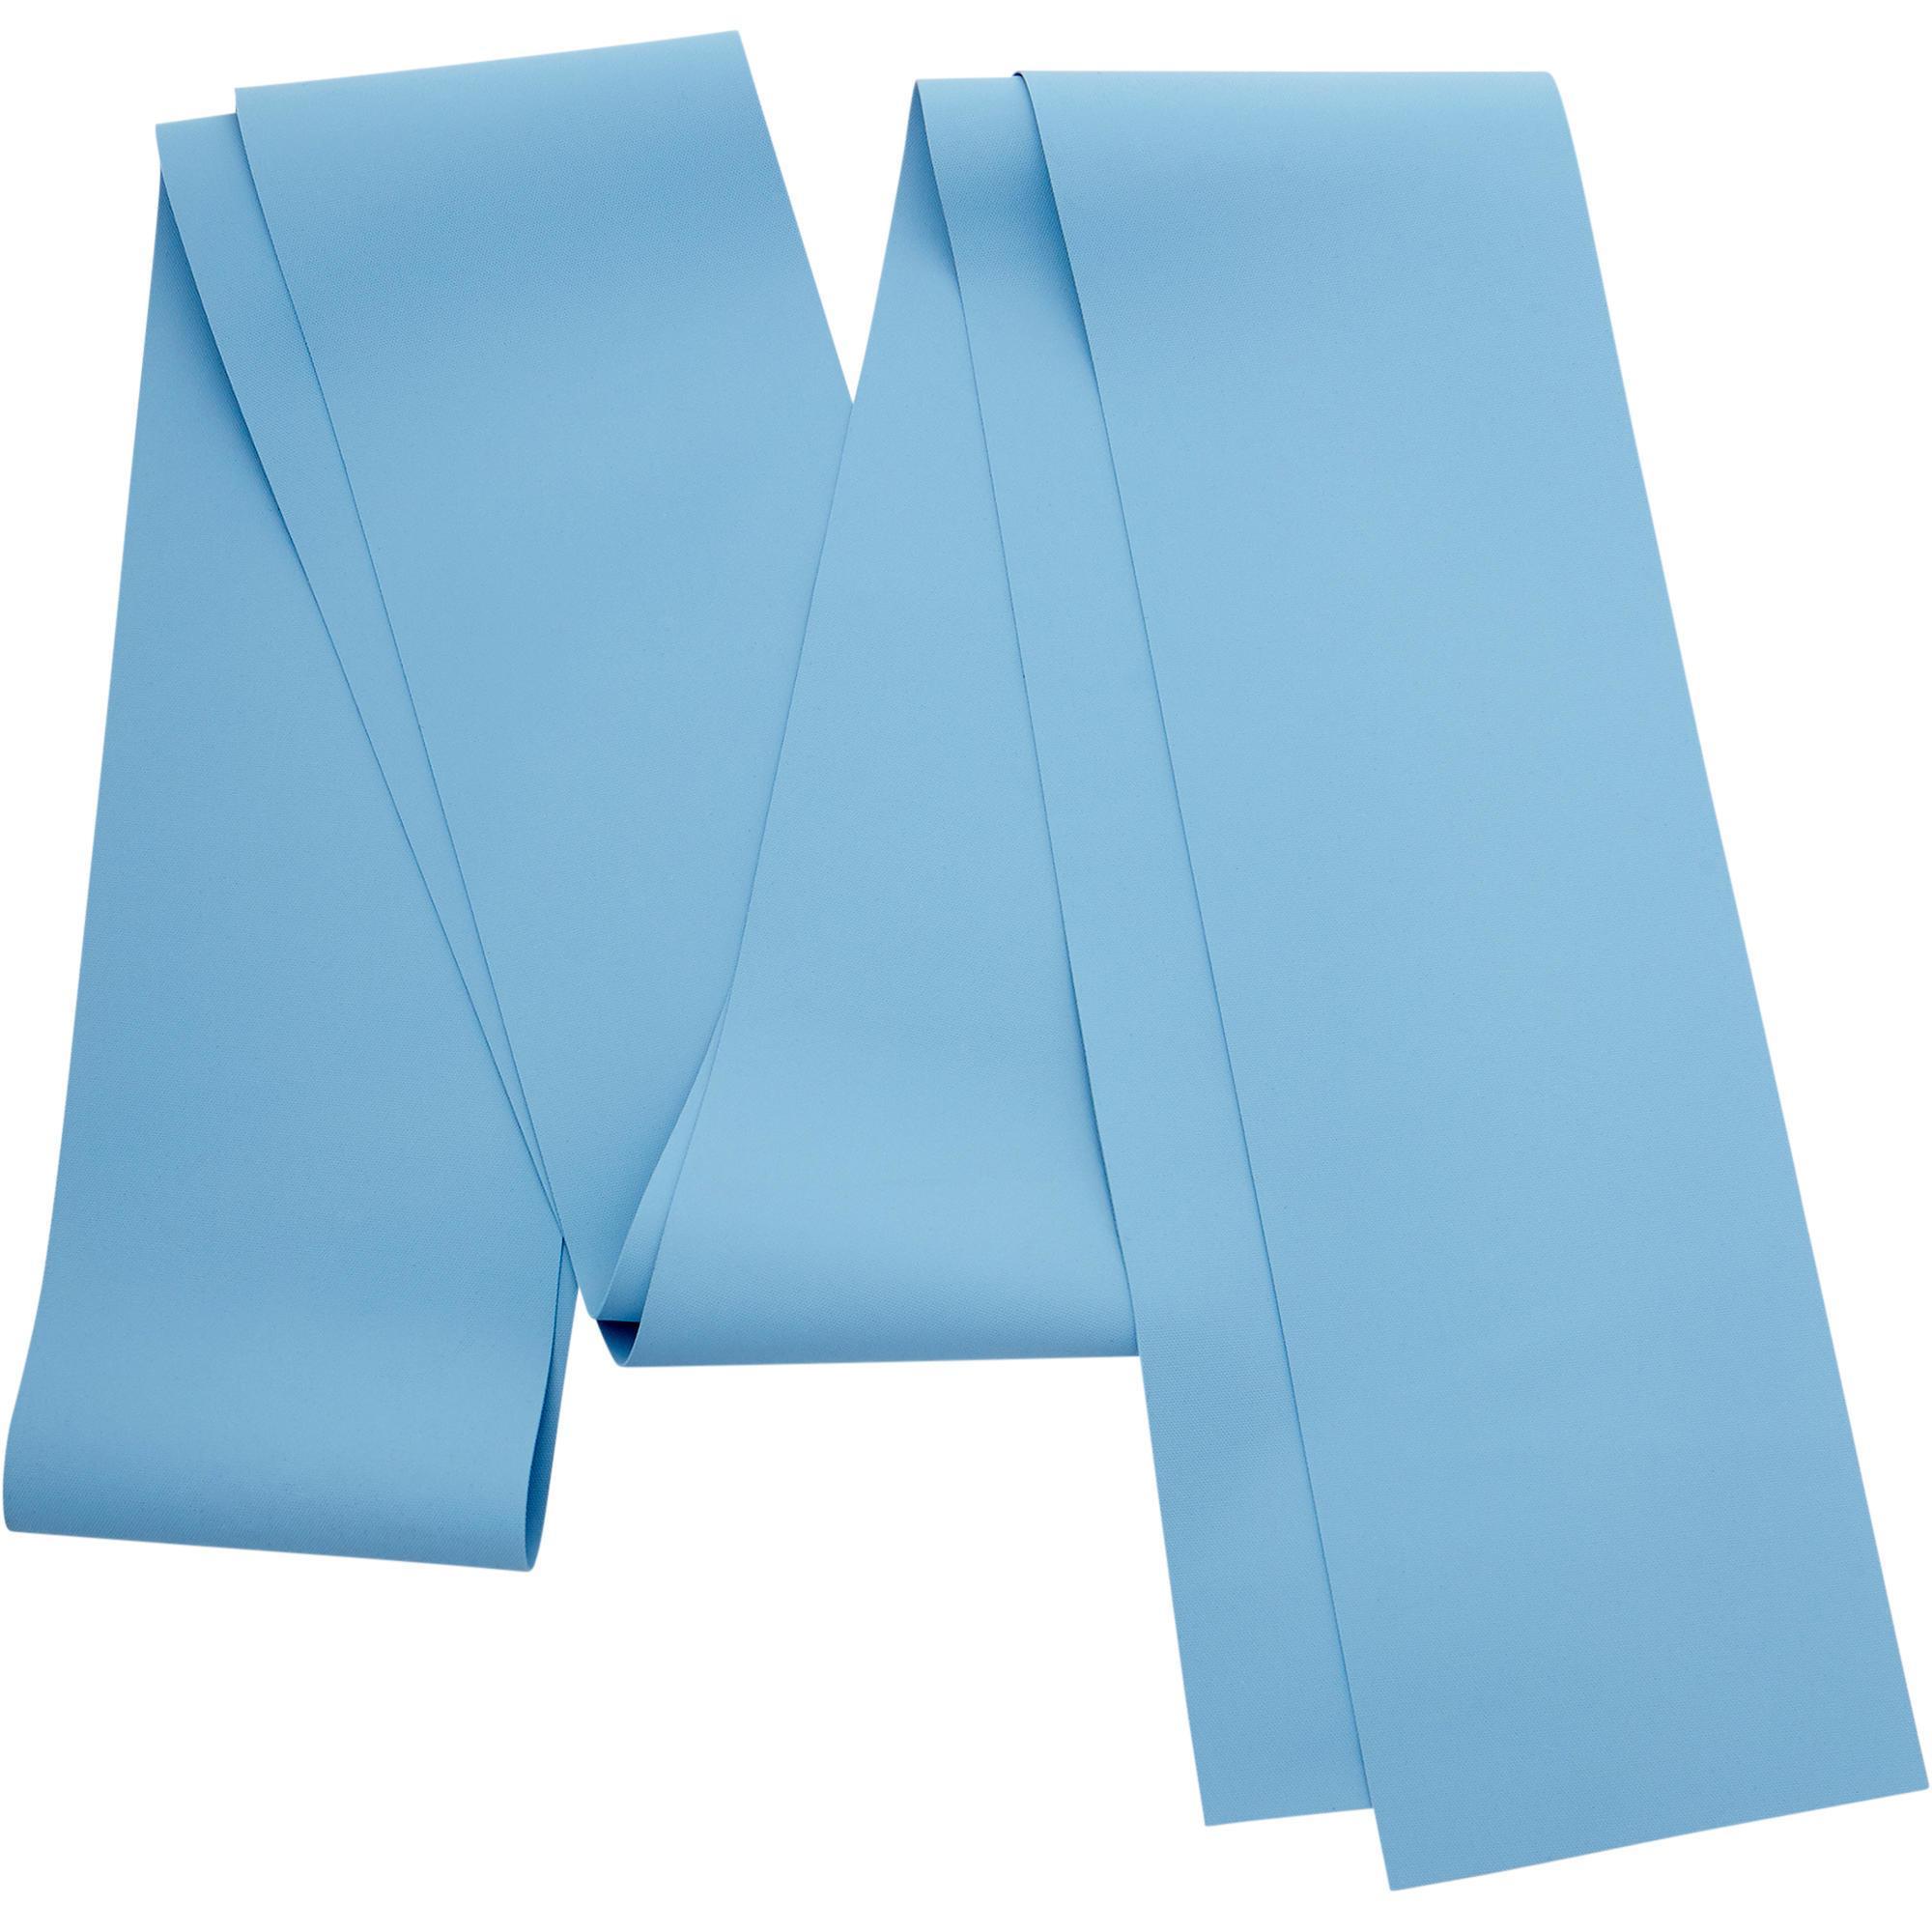 Domyos Weerstandsband voor pilates 100 lichte weerstand kopen? Sport>Trainingsmateriaal>Elastieken met voordeel vind je hier